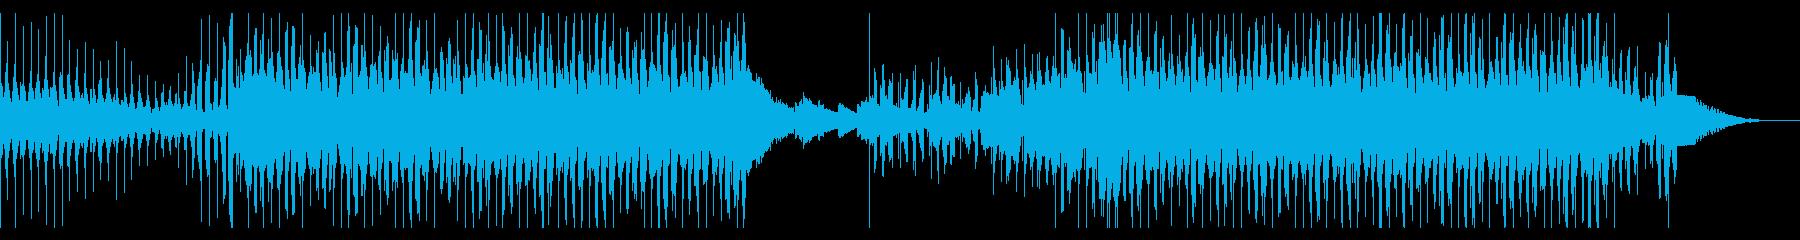 ノリの良いEDM風ダンスミュージックの再生済みの波形